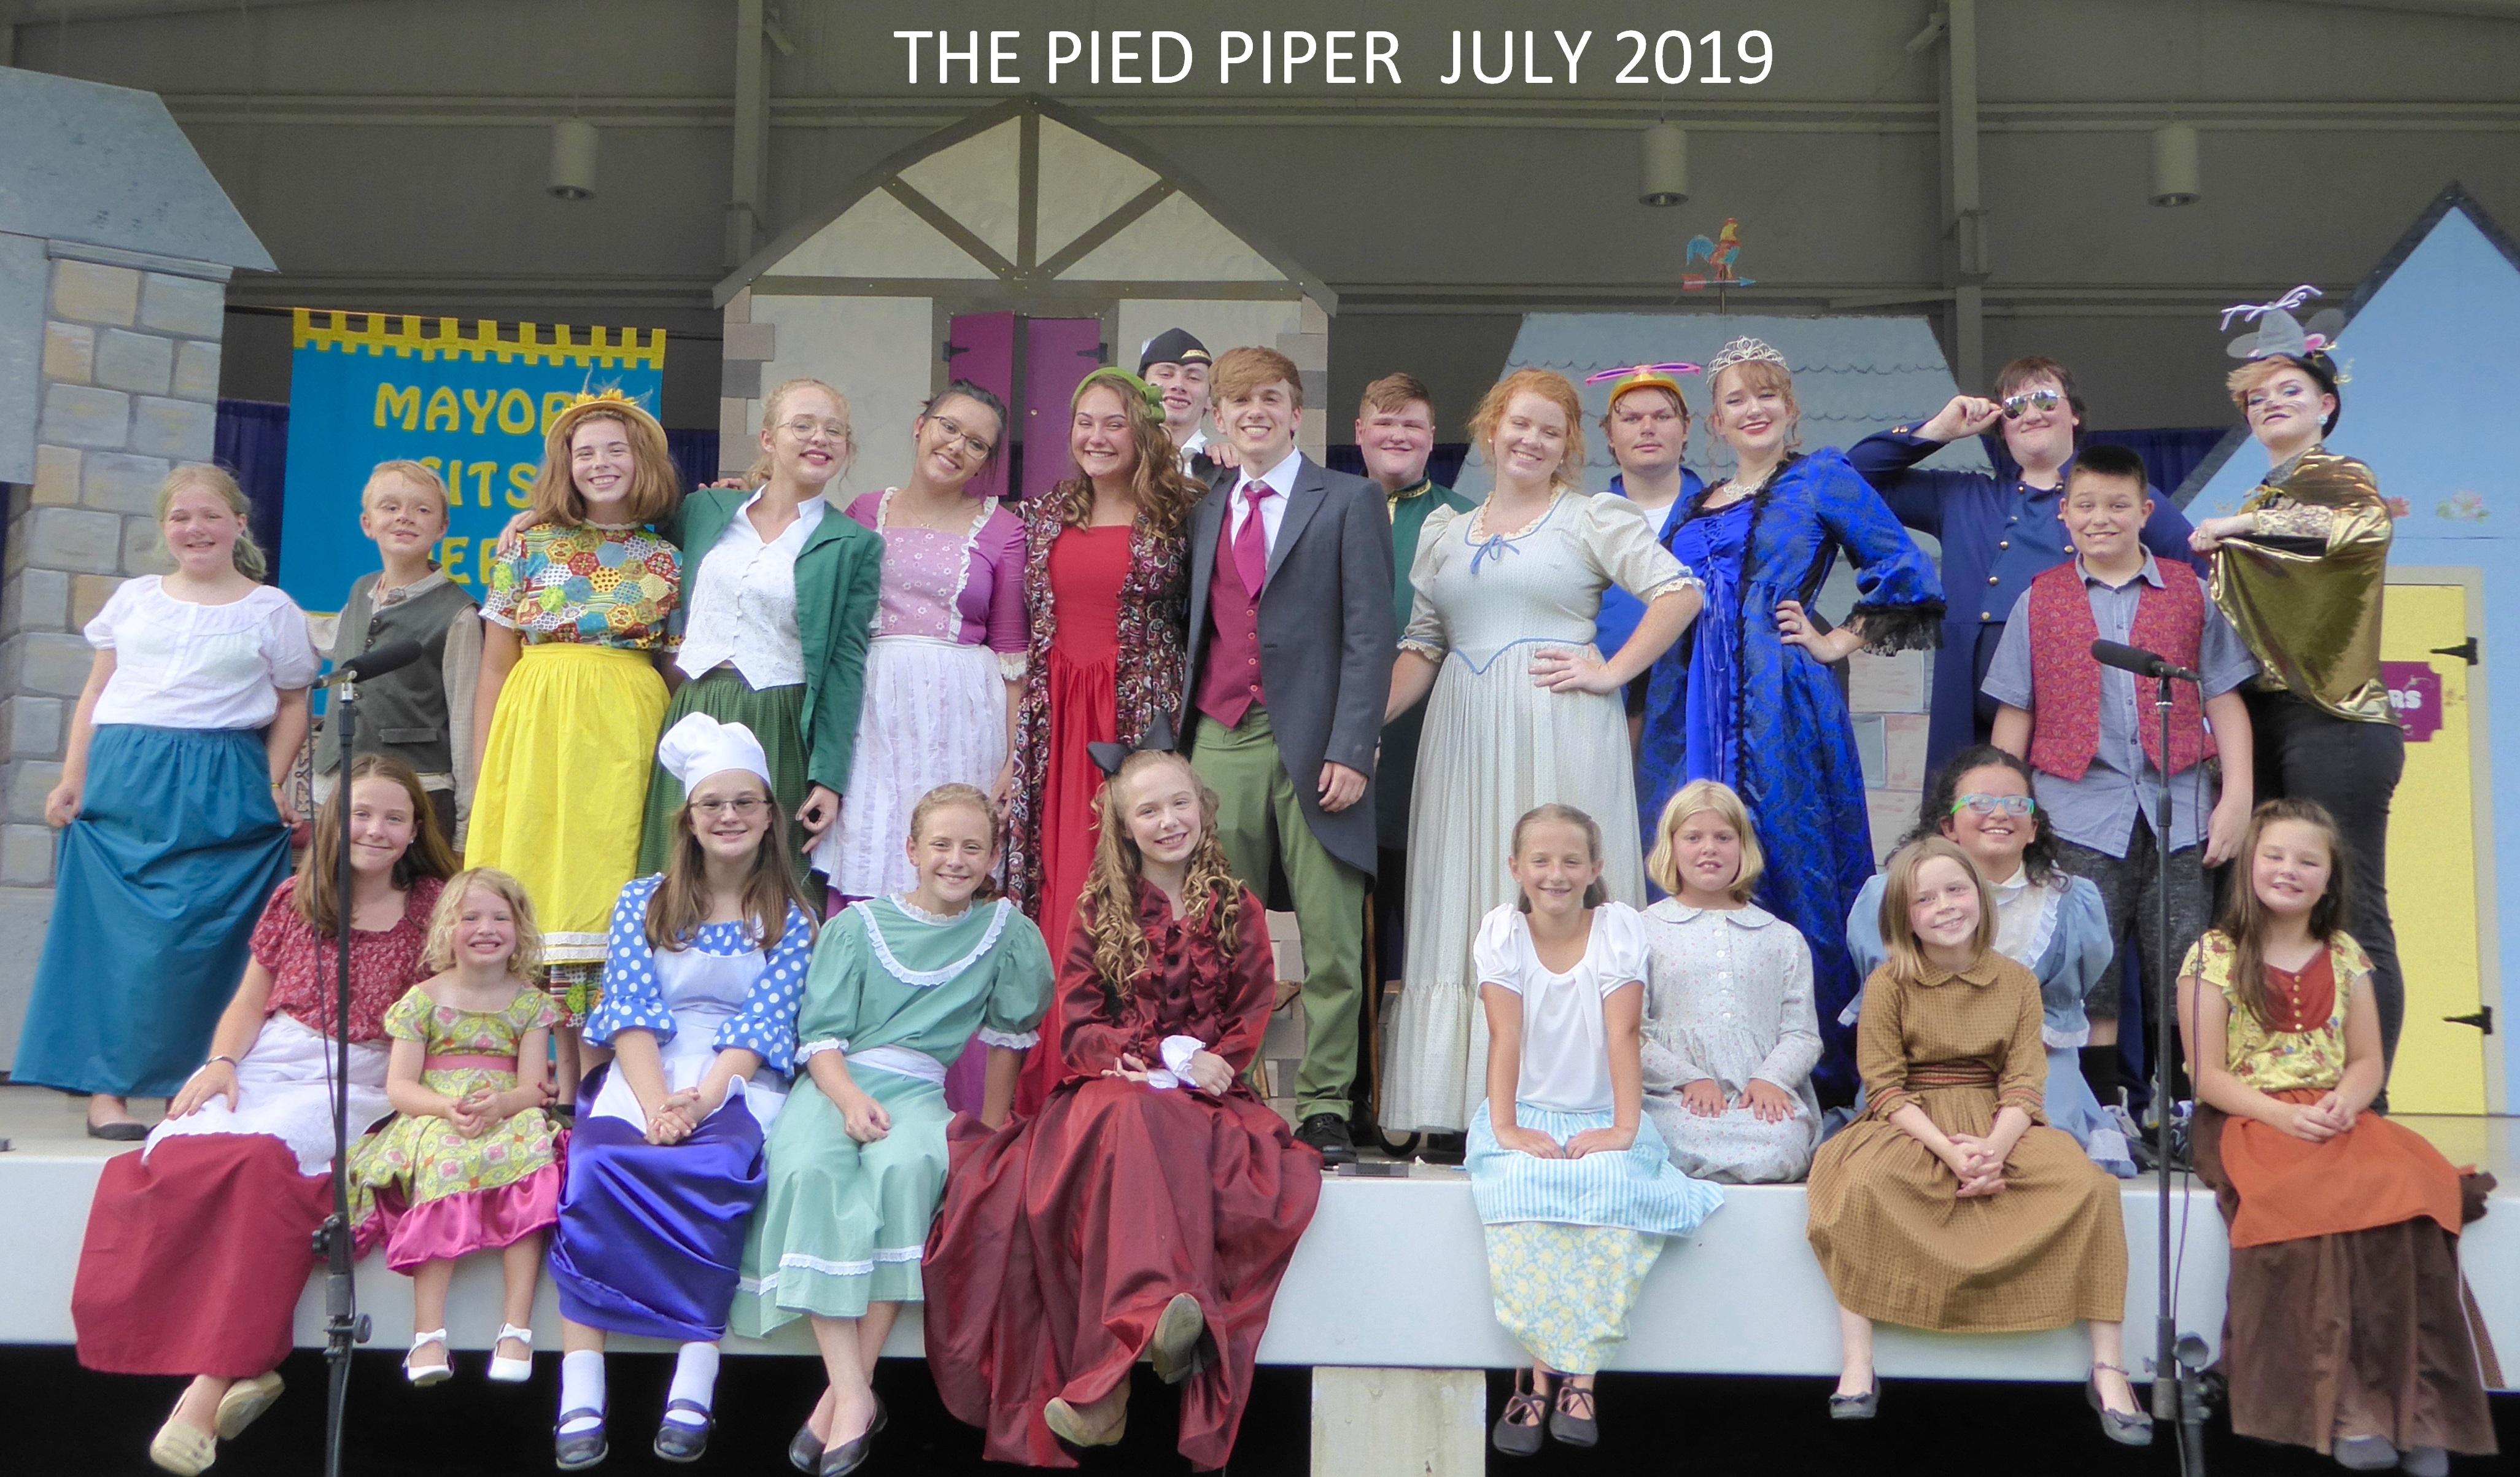 Pied Piper Cast Photo